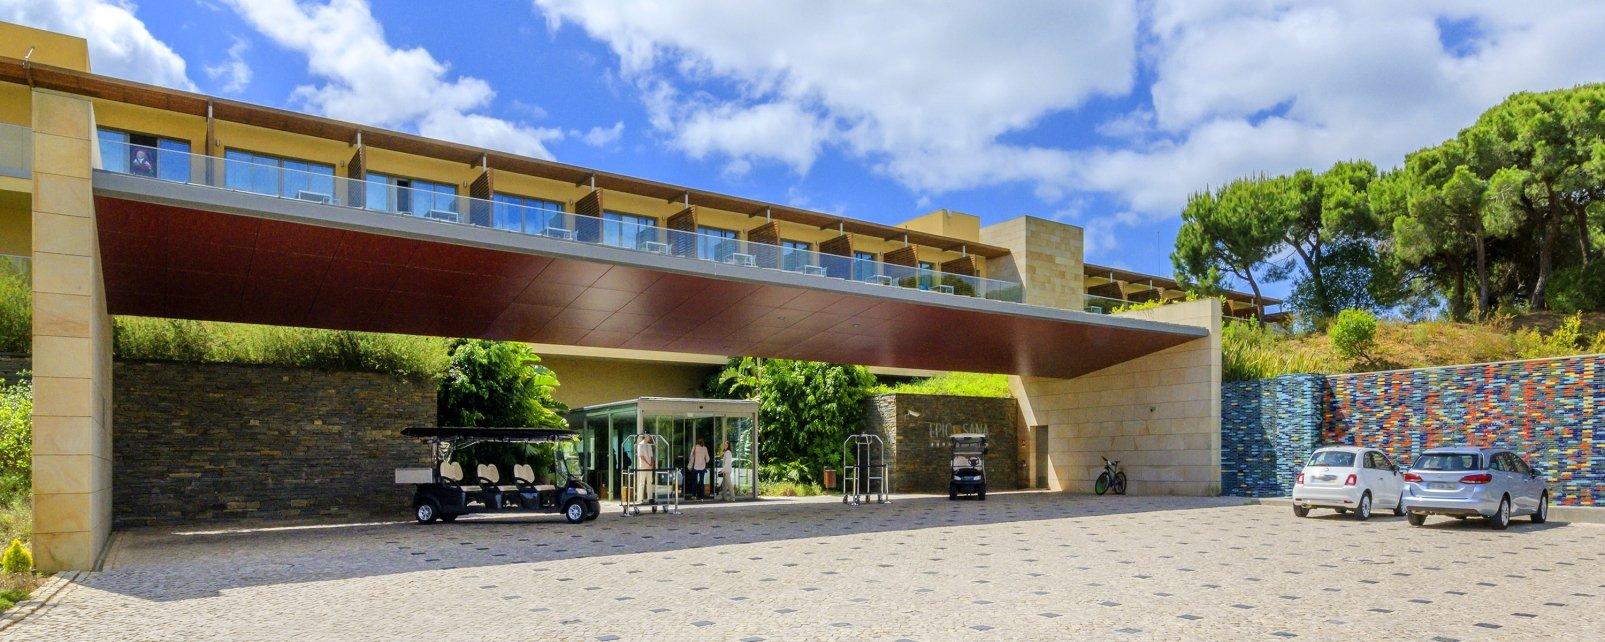 Hôtel EPIC SANA Algarve Hotel